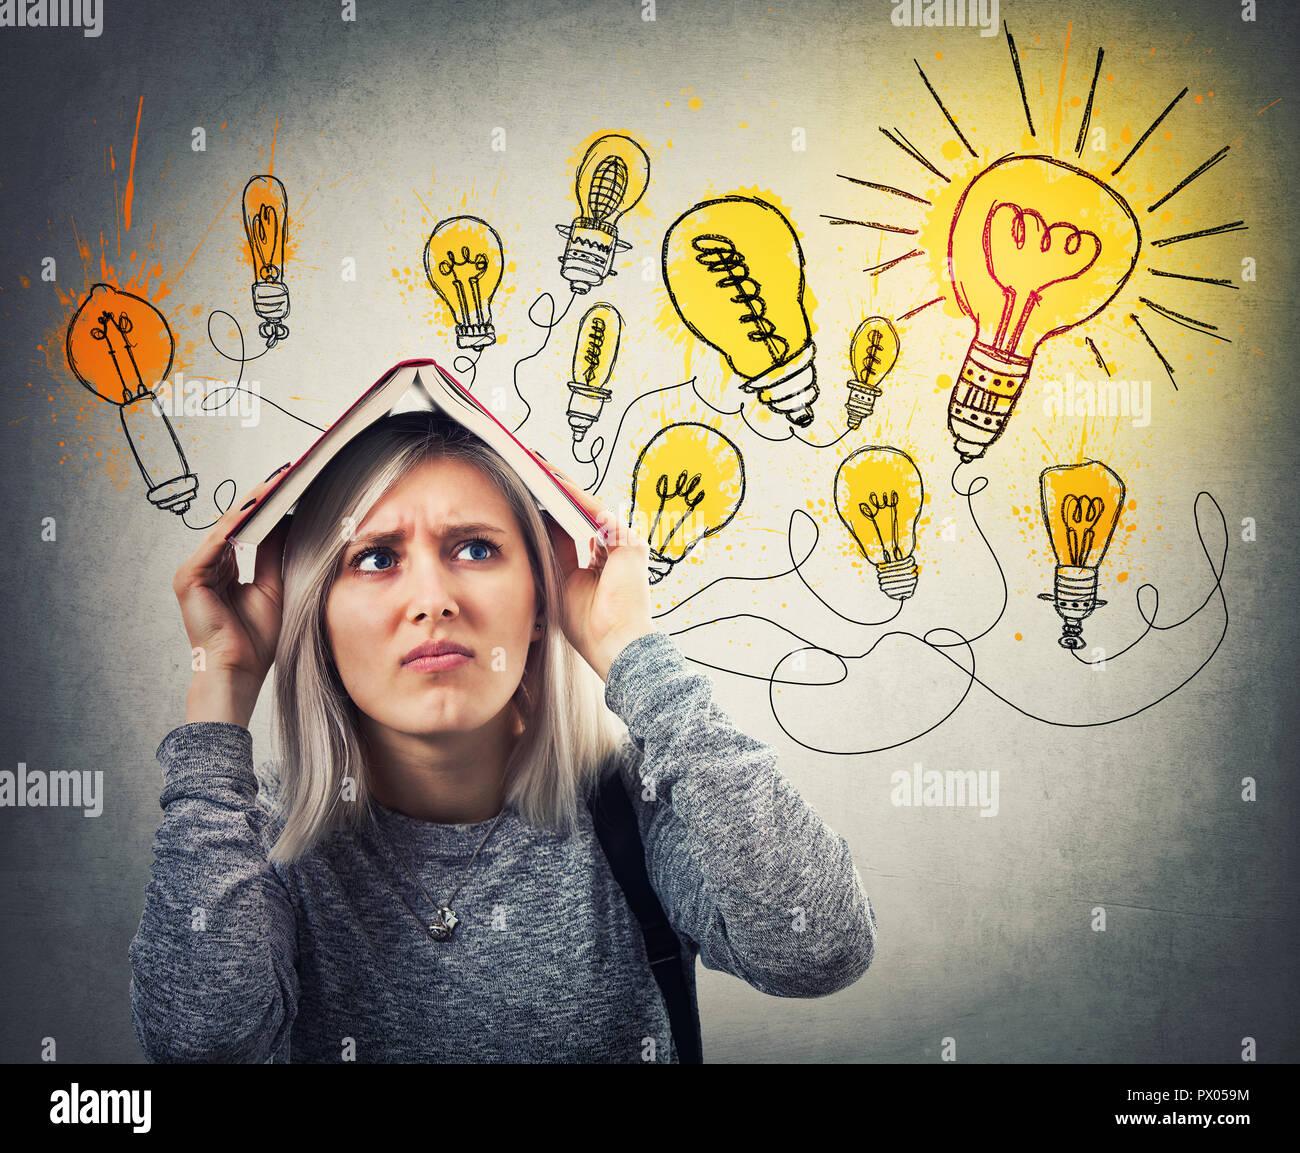 Junge Frau hält ein aufgeschlagenes Buch über Kopf mit vielen Ideen ratlos, hat das Beste zu wählen. Betont Emotion, harte Denken auf glänzenden Li suchen Stockbild